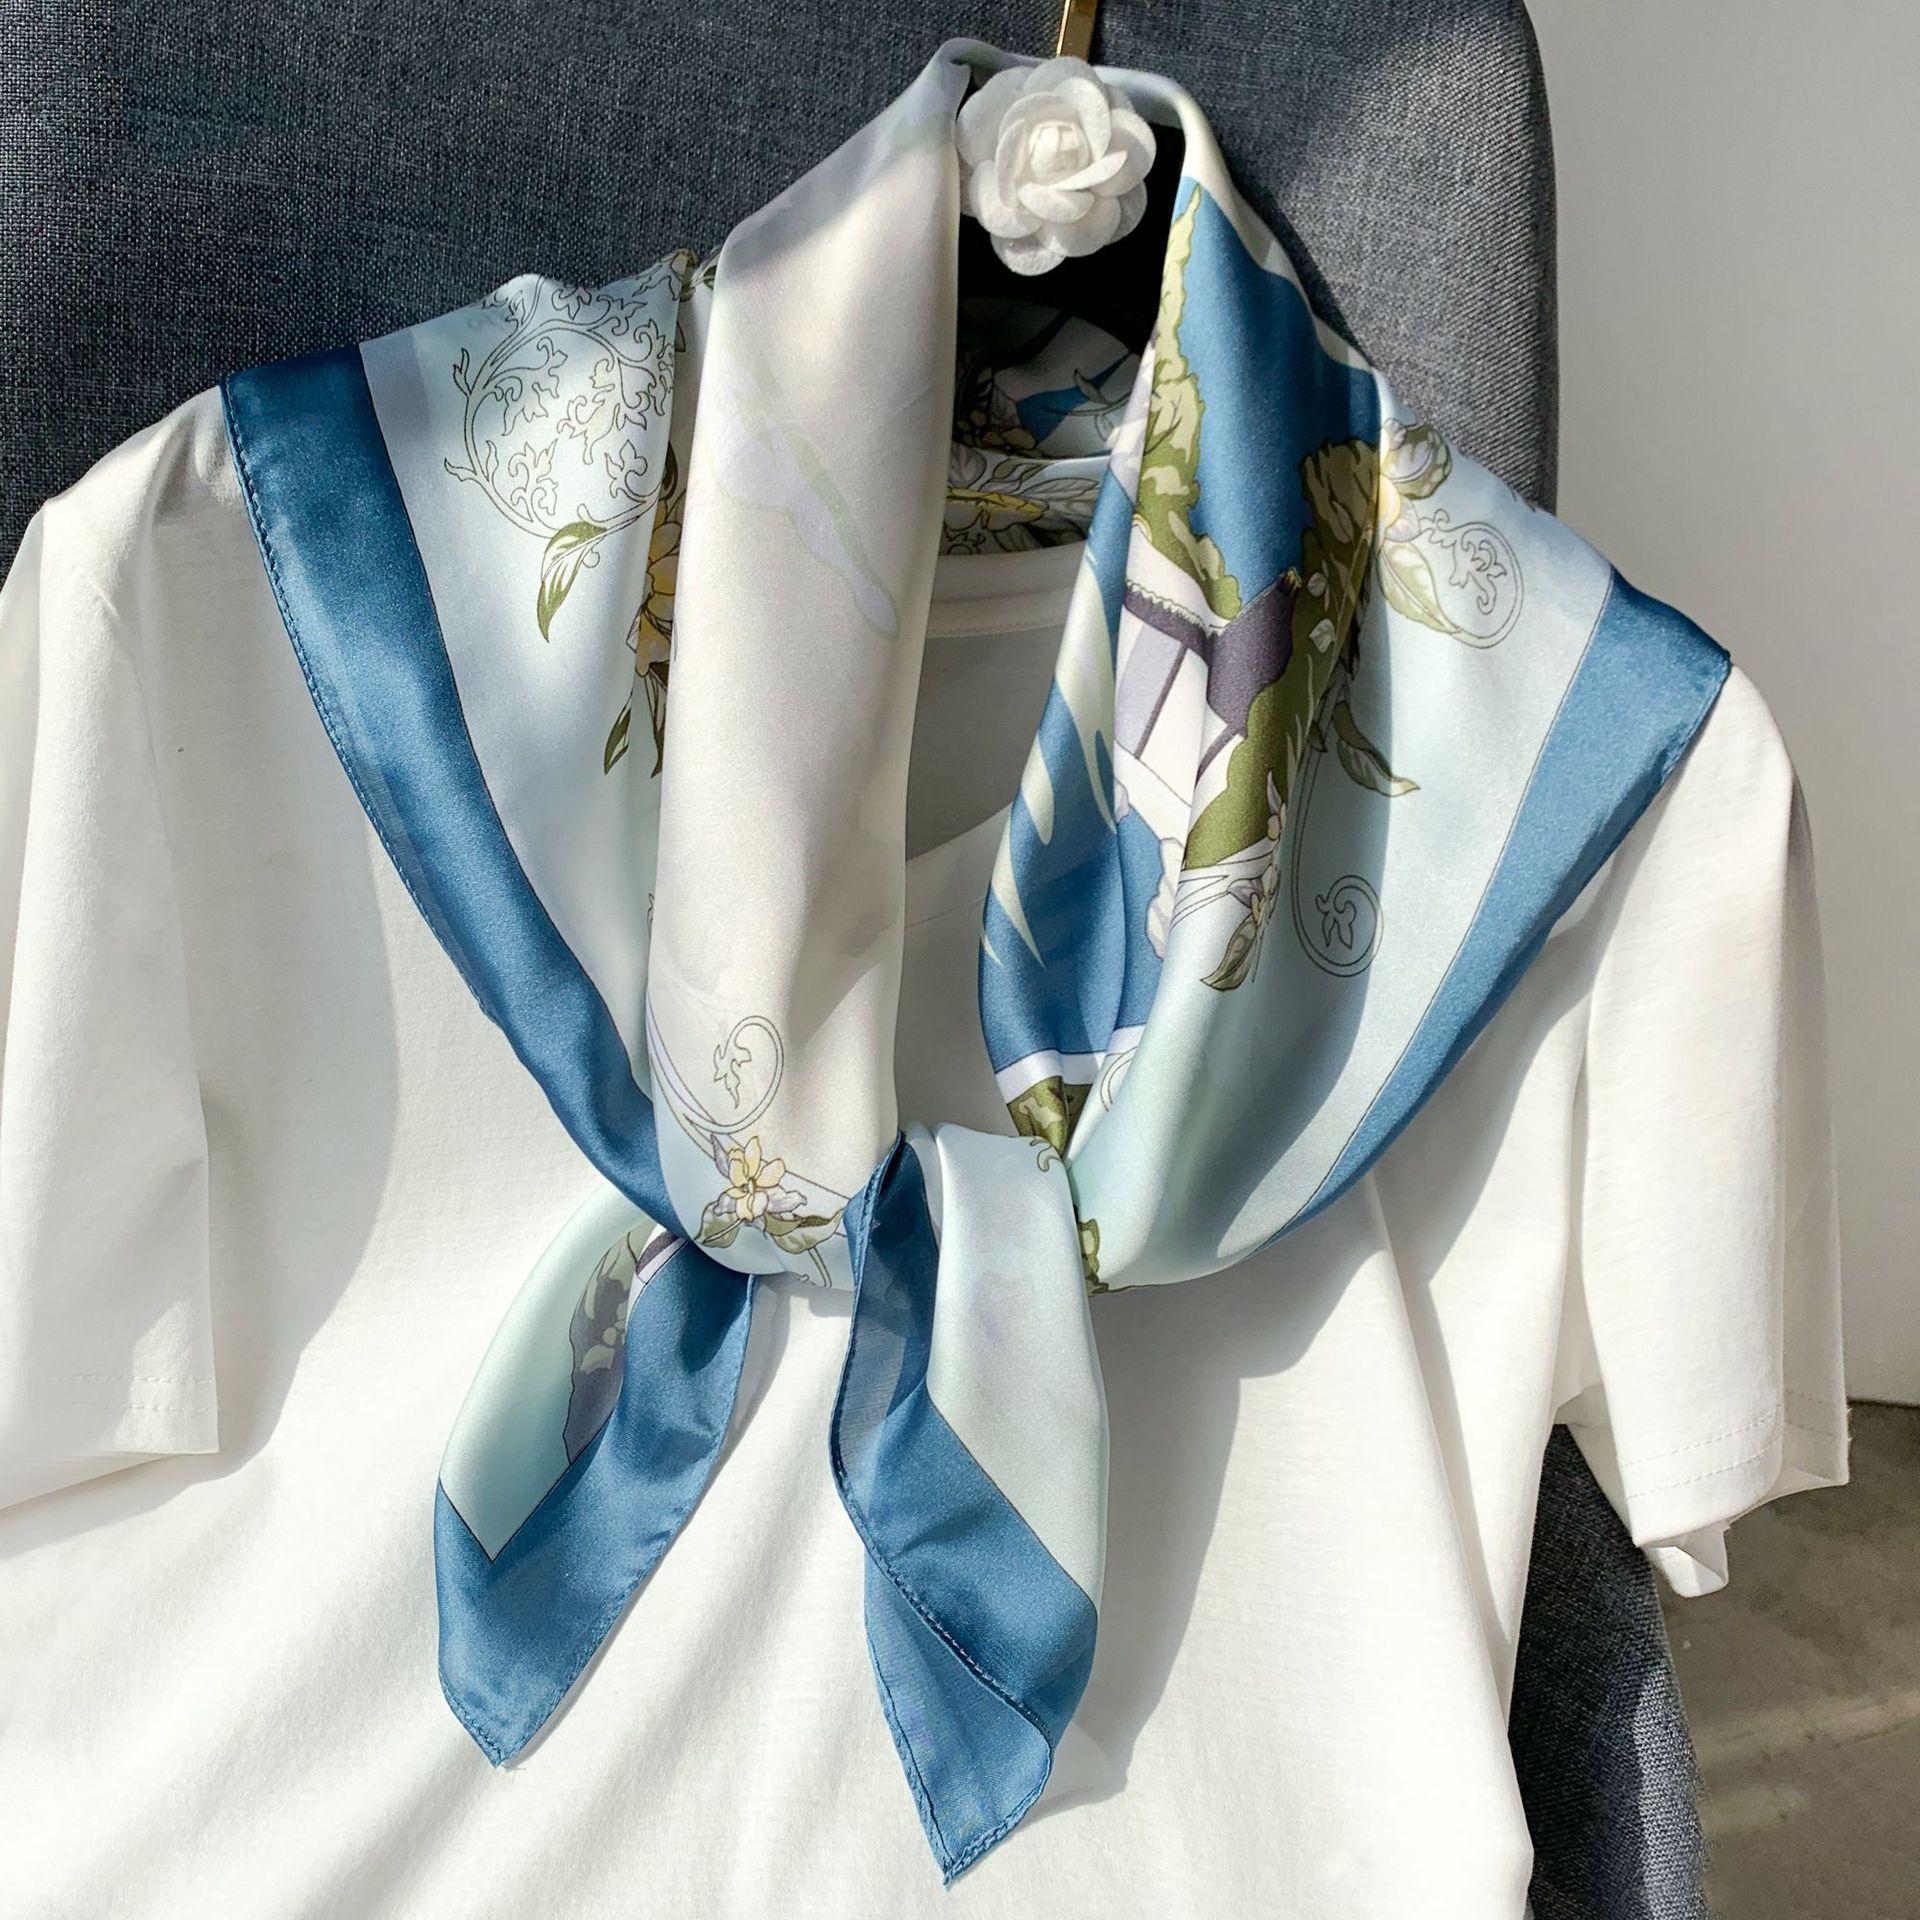 Elegant Kerchief Silk Satin Hijab Scarf For Women Bandana Head Fashion Print Bag Scarfs Female Small Shawl Neck Scarves For Lady